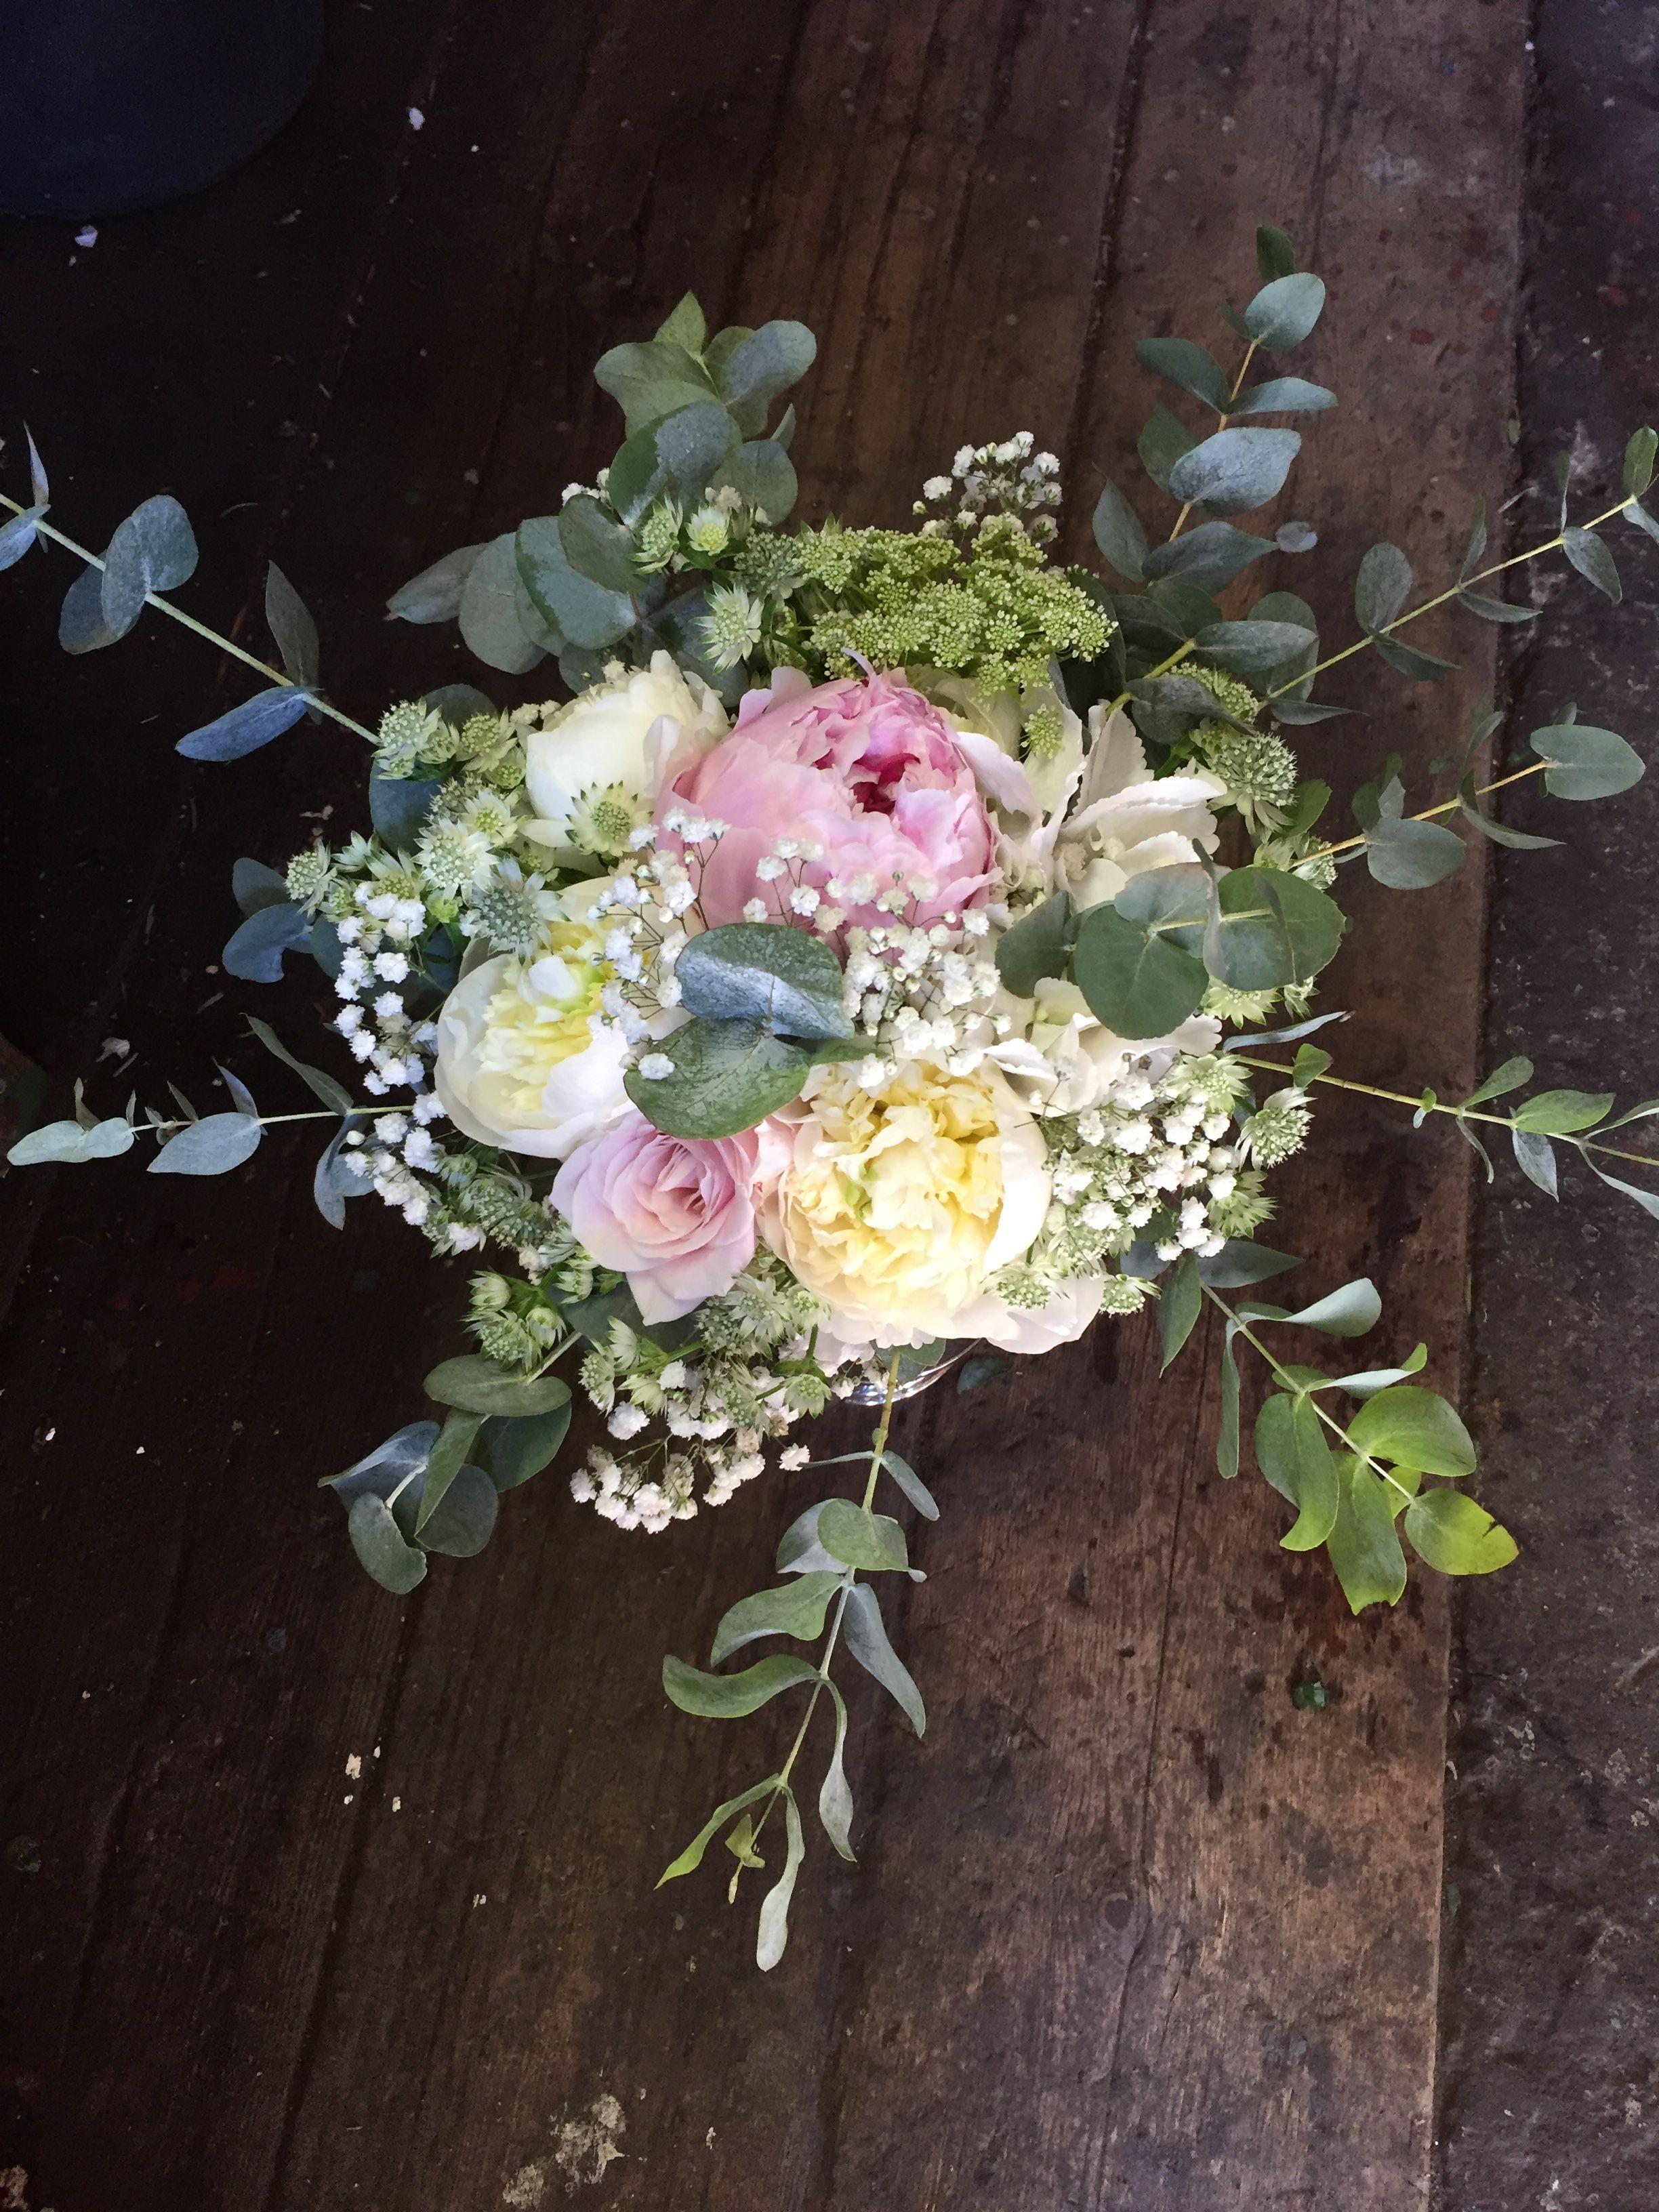 084ddf379cb2 Tärnbukett med vita & rosa rosenpioner, brudslöja, rosa rosor, vit  stjärnflocka, ammimajus och eukalyptus